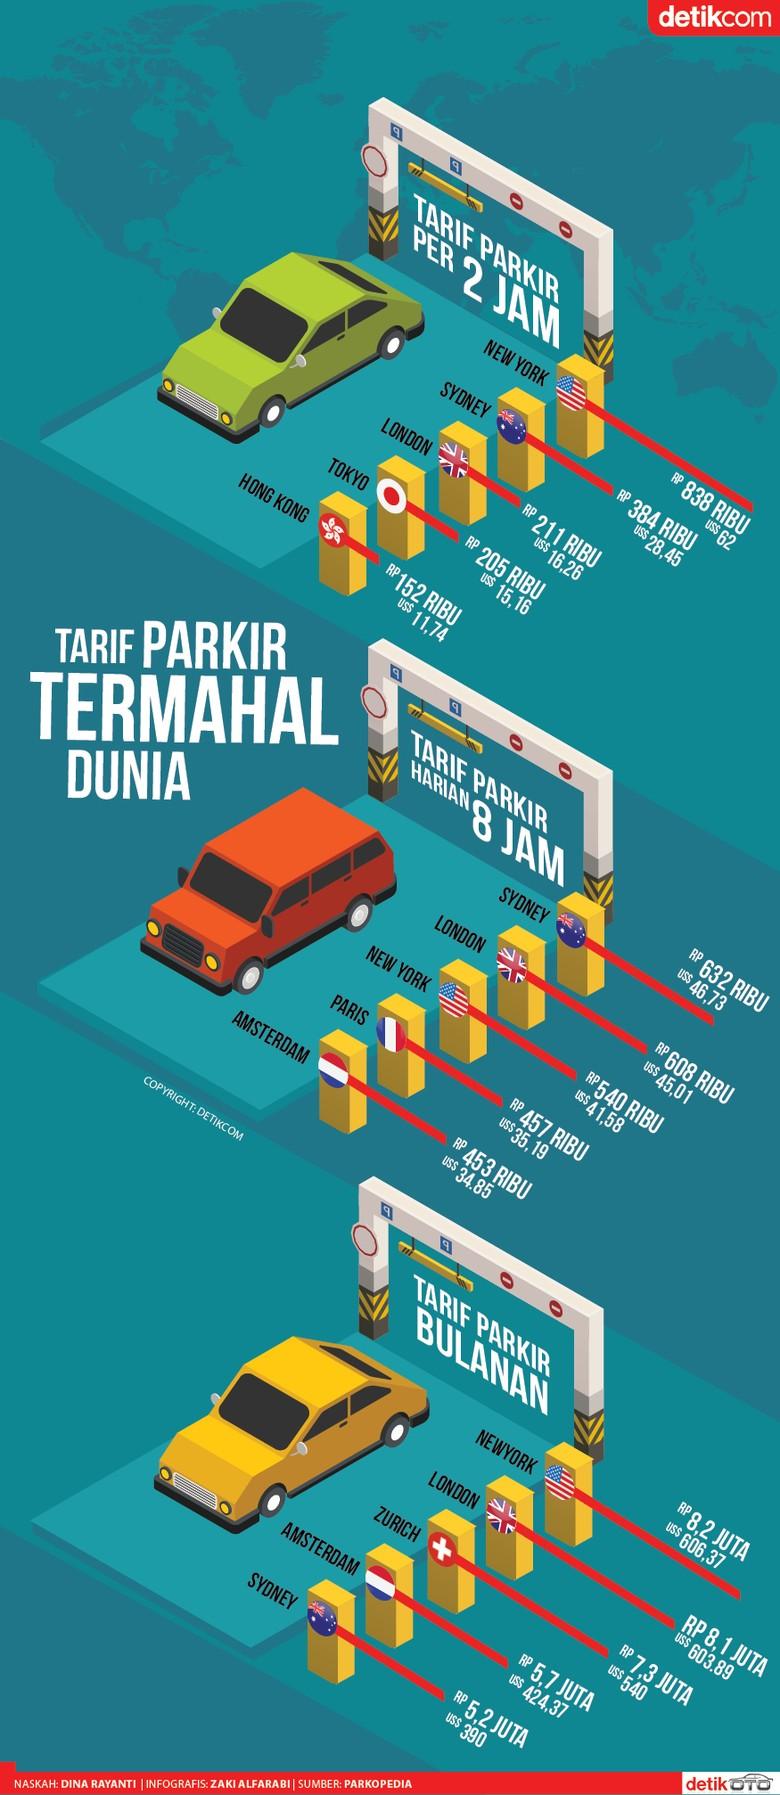 Kota-kota dengan Tarif Parkir Termahal di Dunia